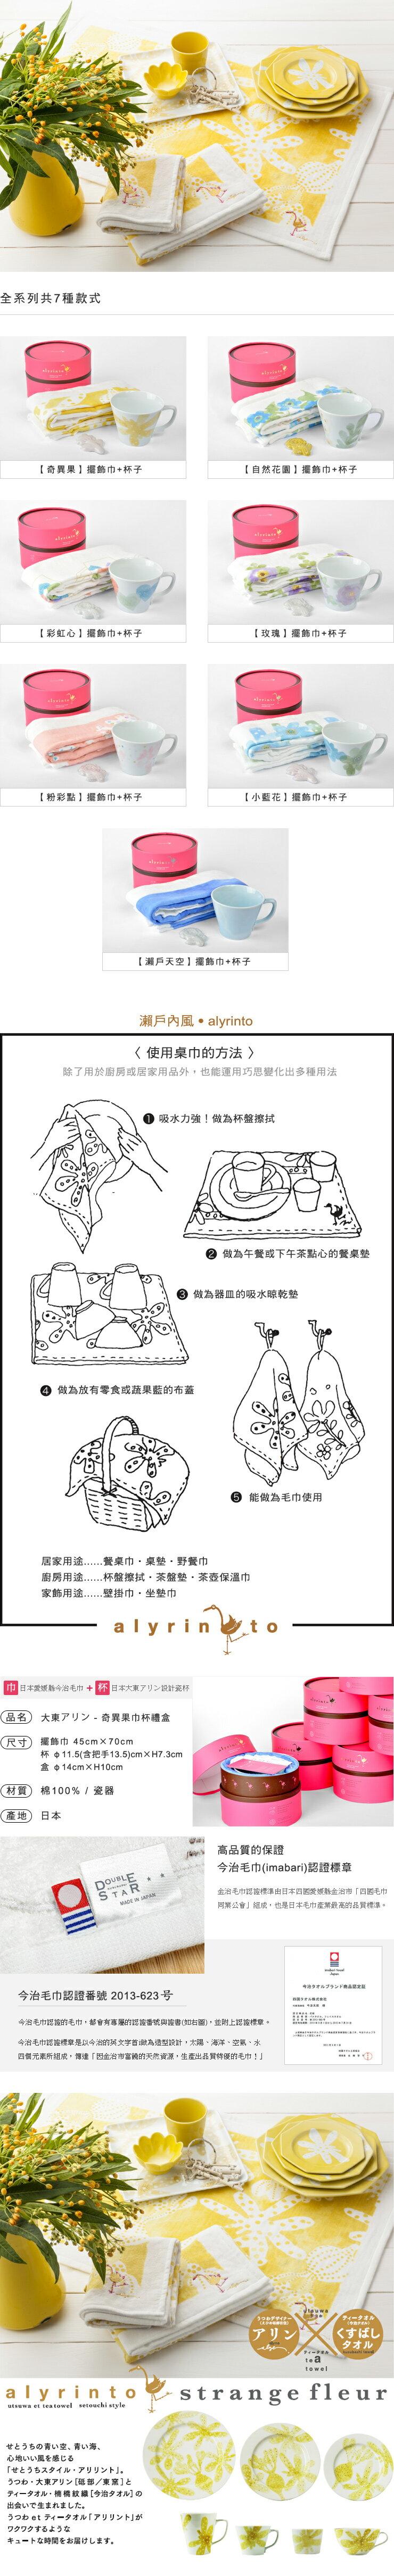 日本今治毛巾(imabari towel) - 大東アリン - (精緻禮盒)奇異果擺飾巾+杯子 / 餐桌巾 / 茶盤墊 / 野餐巾 / 杯碗擦拭巾 / 毛巾 / 擦手巾 / 保溫巾 / 壁掛巾《日本設計製造》《全館免運費》,純棉100%,觸感細緻質地柔軟,吸水性強,日本設計製造,天然水洗滌工法,不使用螢光染料,不添加染劑